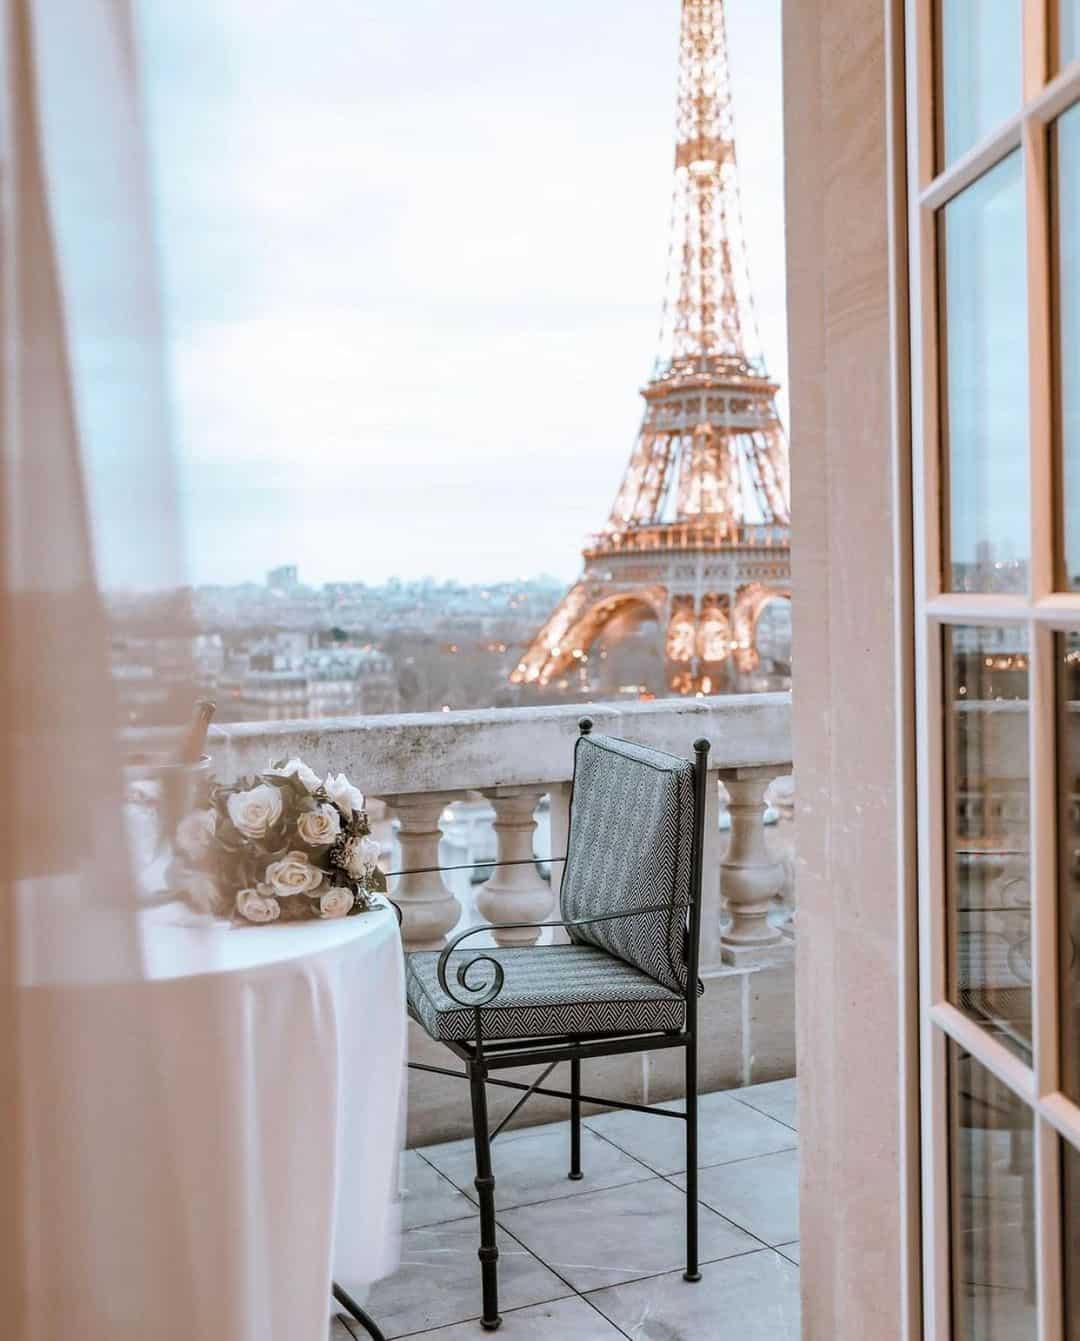 dreamy photo of Paris, France